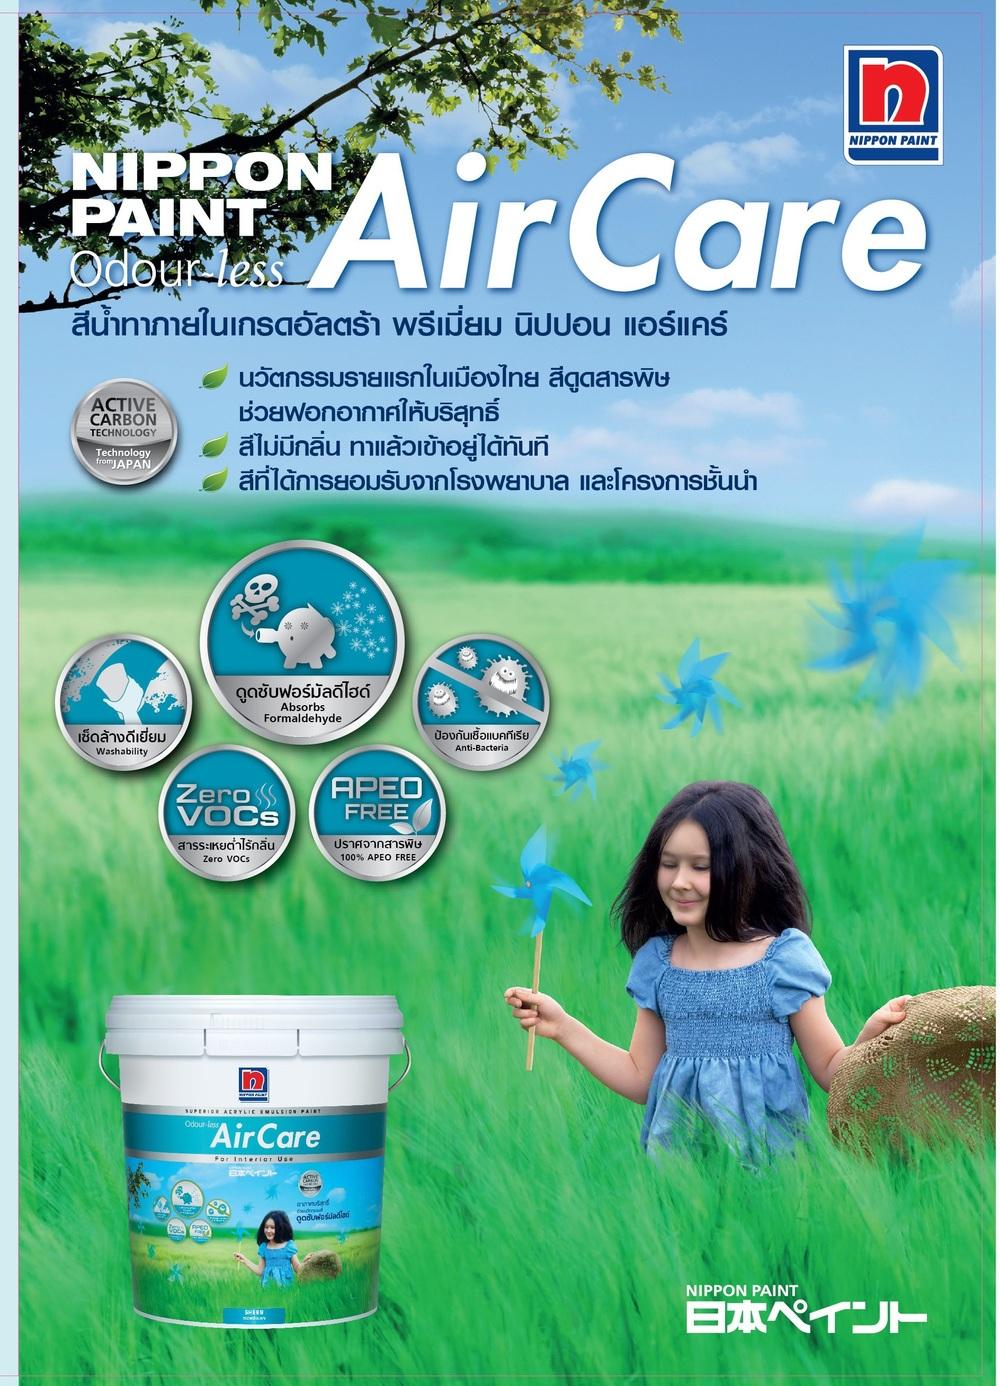 nippon aircare